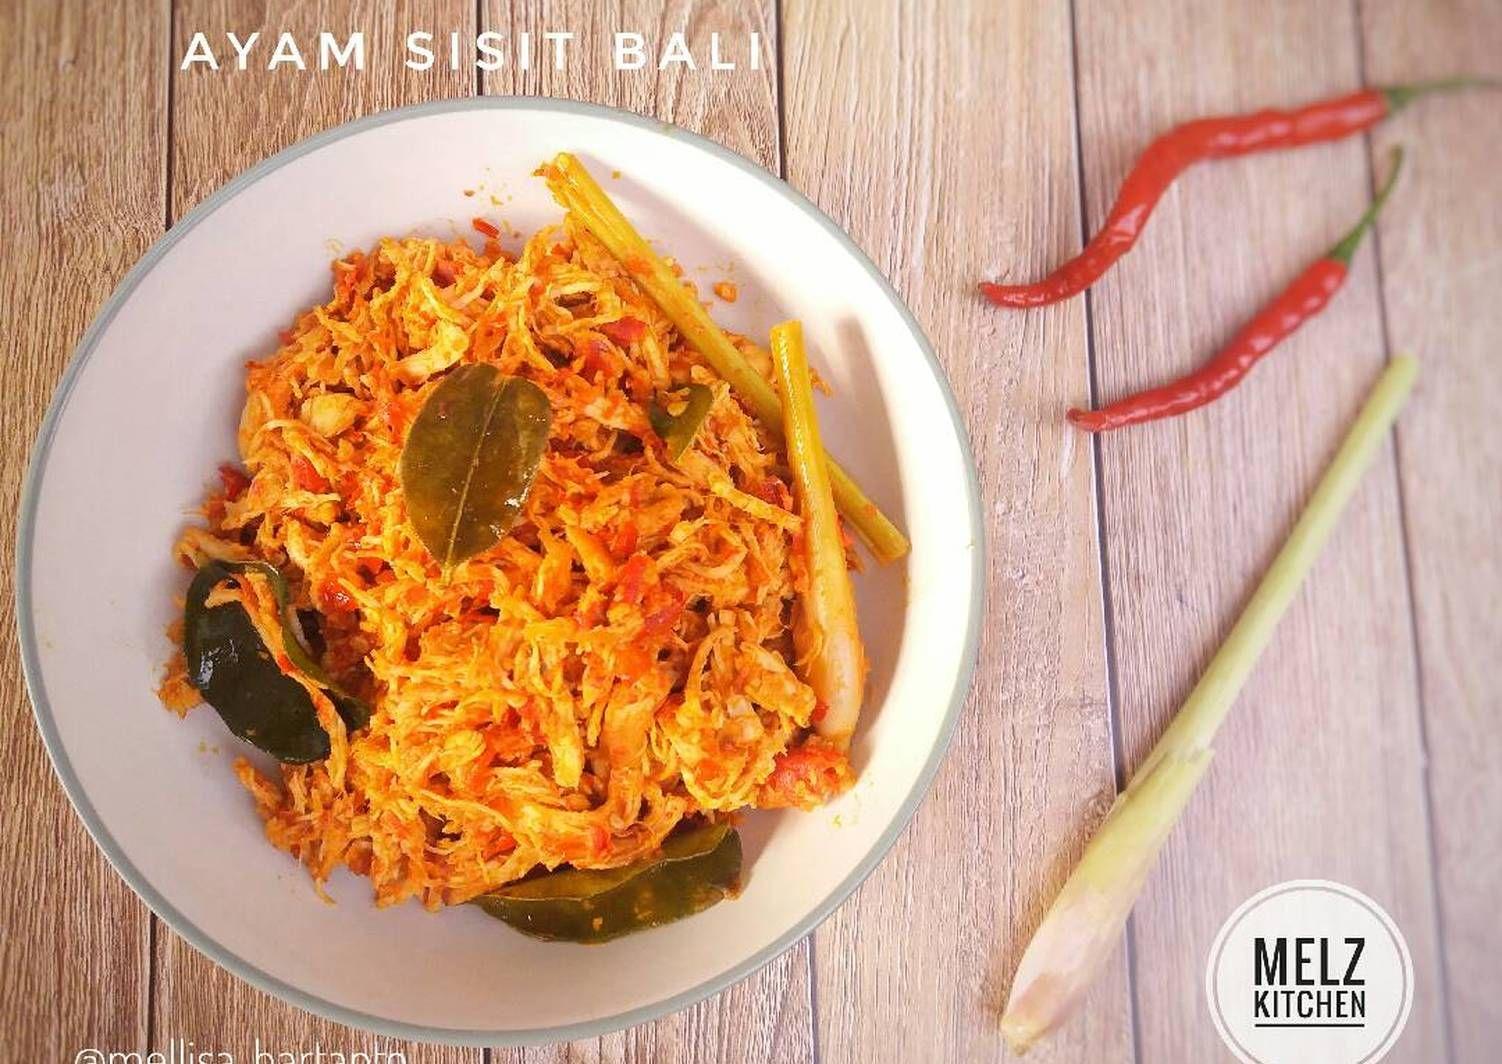 Resep Ayam Sisit Bali Oleh Melz Kitchen Resep Di 2020 Resep Ayam Resep Makanan Memasak